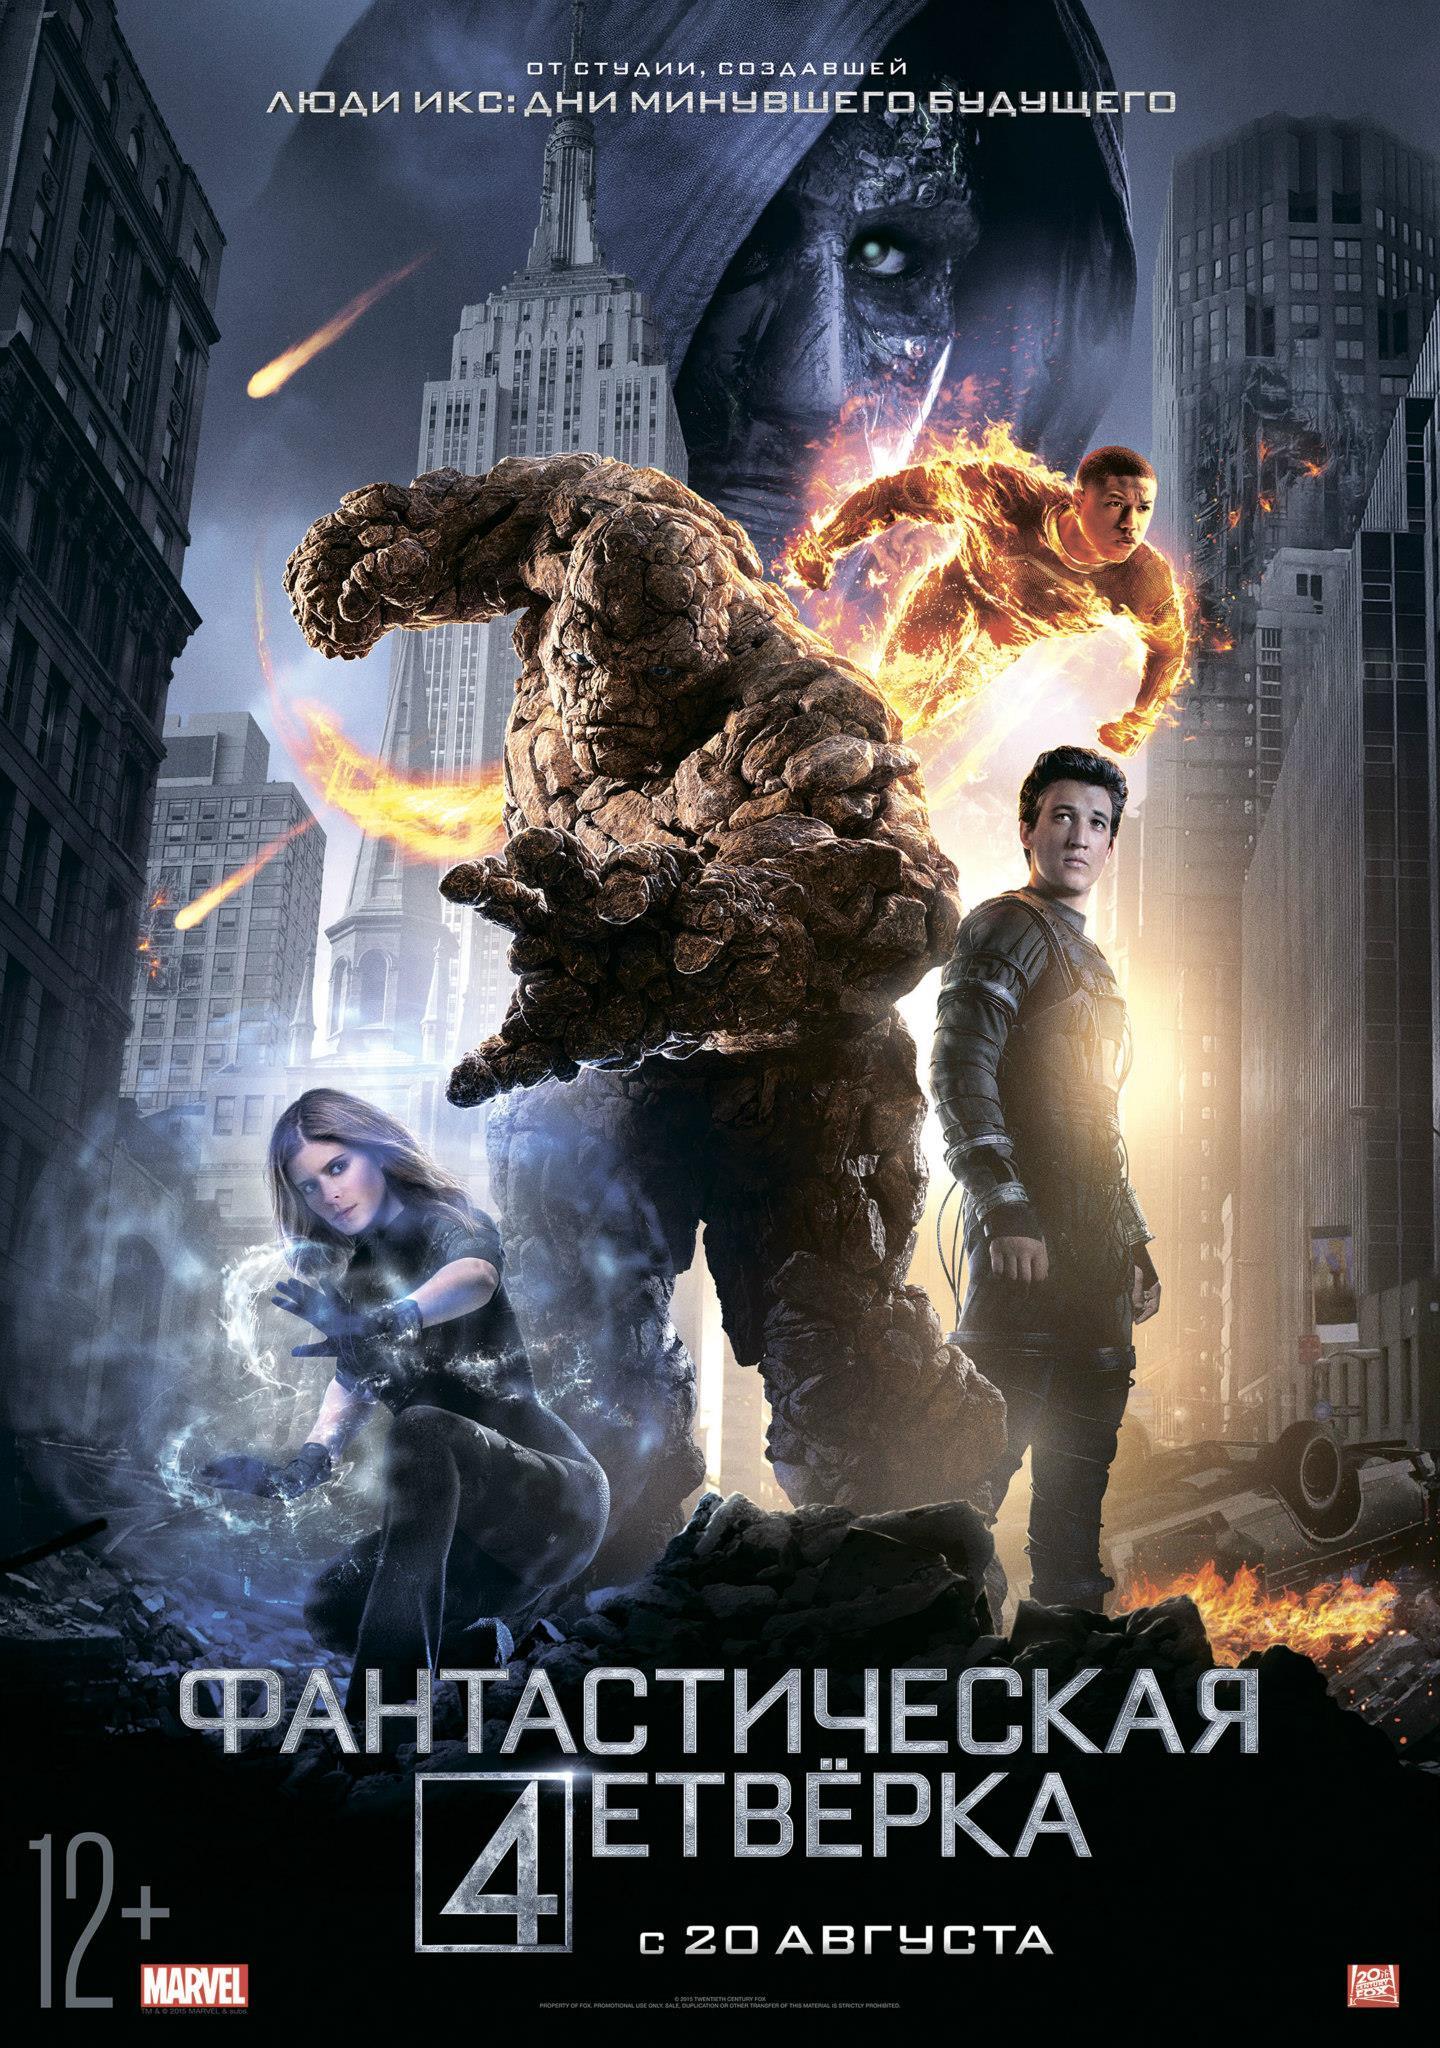 мультфильмы 2015-2015 года список рейтинг